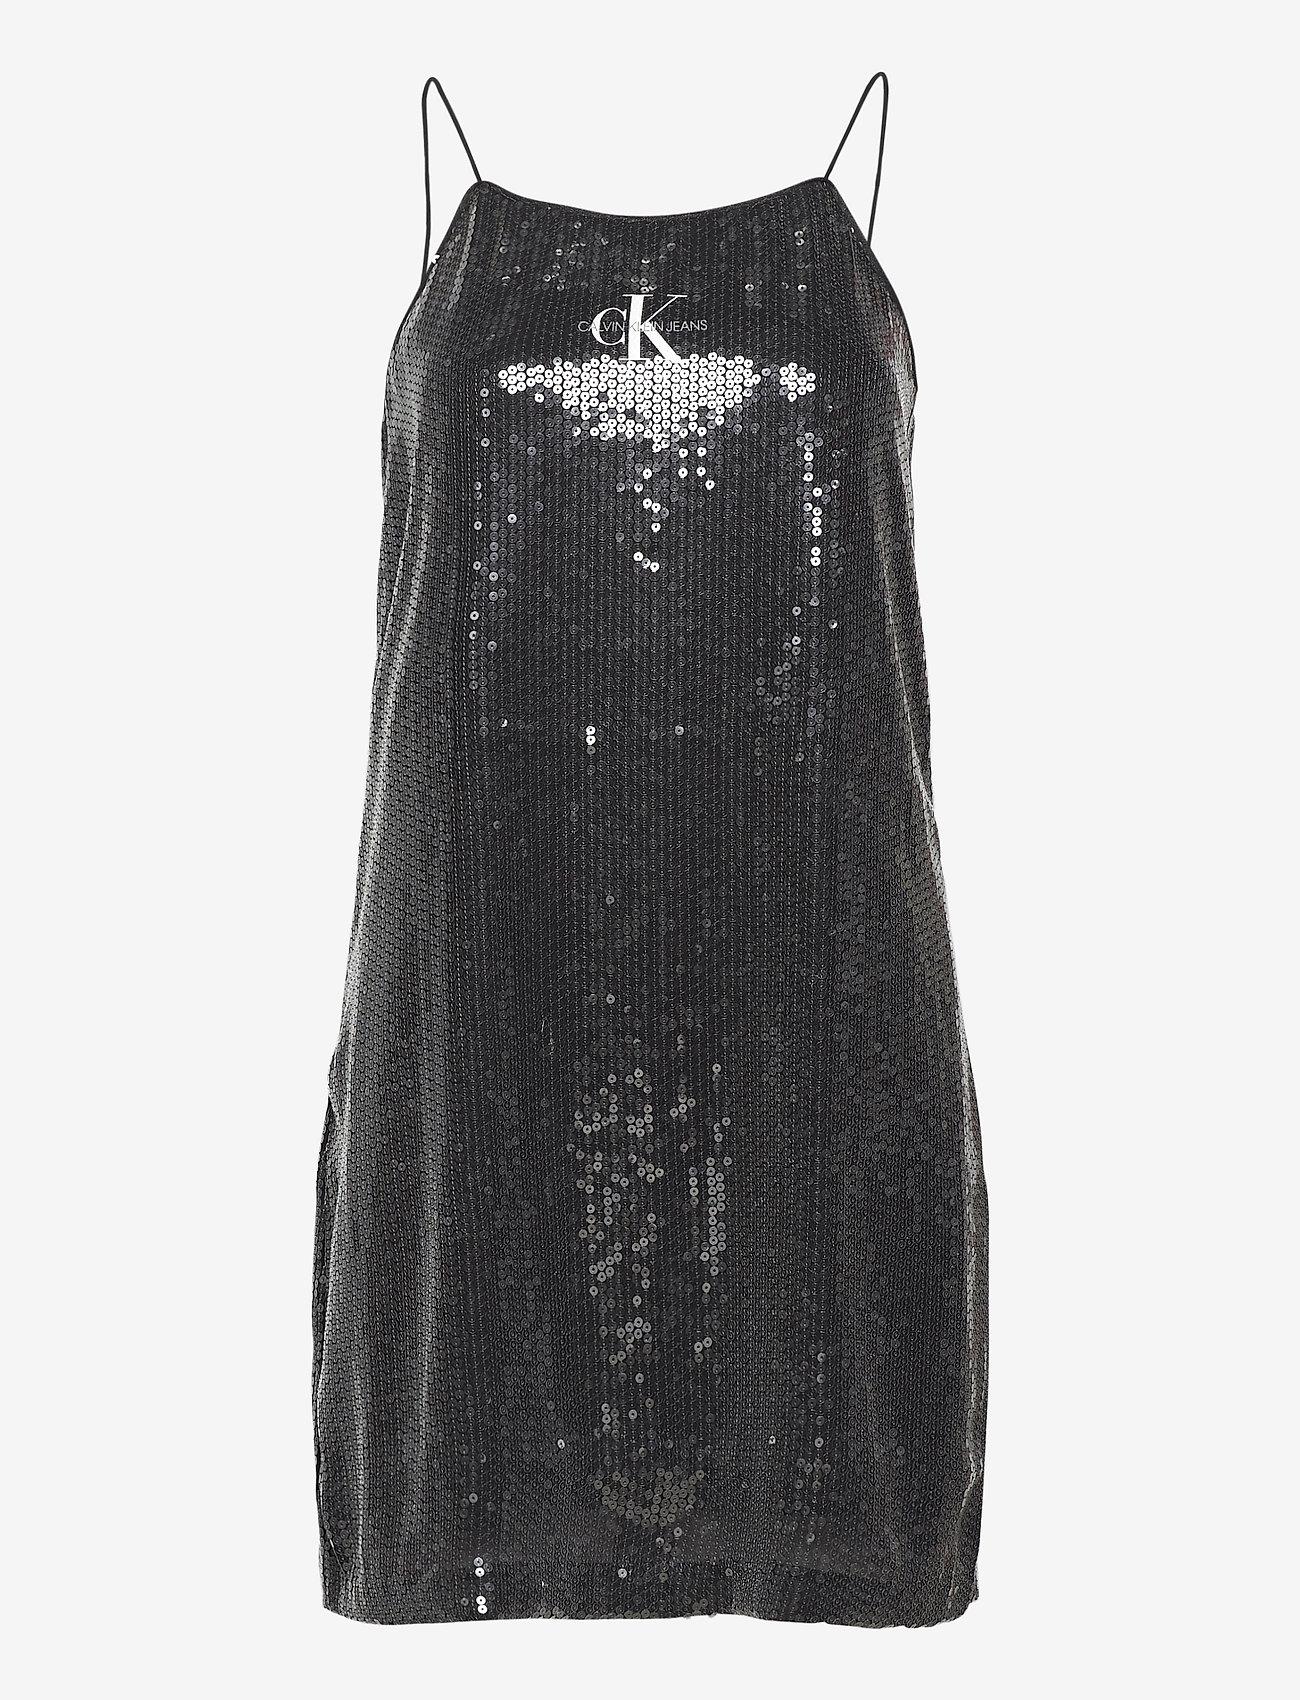 Calvin Klein Jeans - SEQUIN LOGO STRAP DRESS - festkjoler - ck black - 0